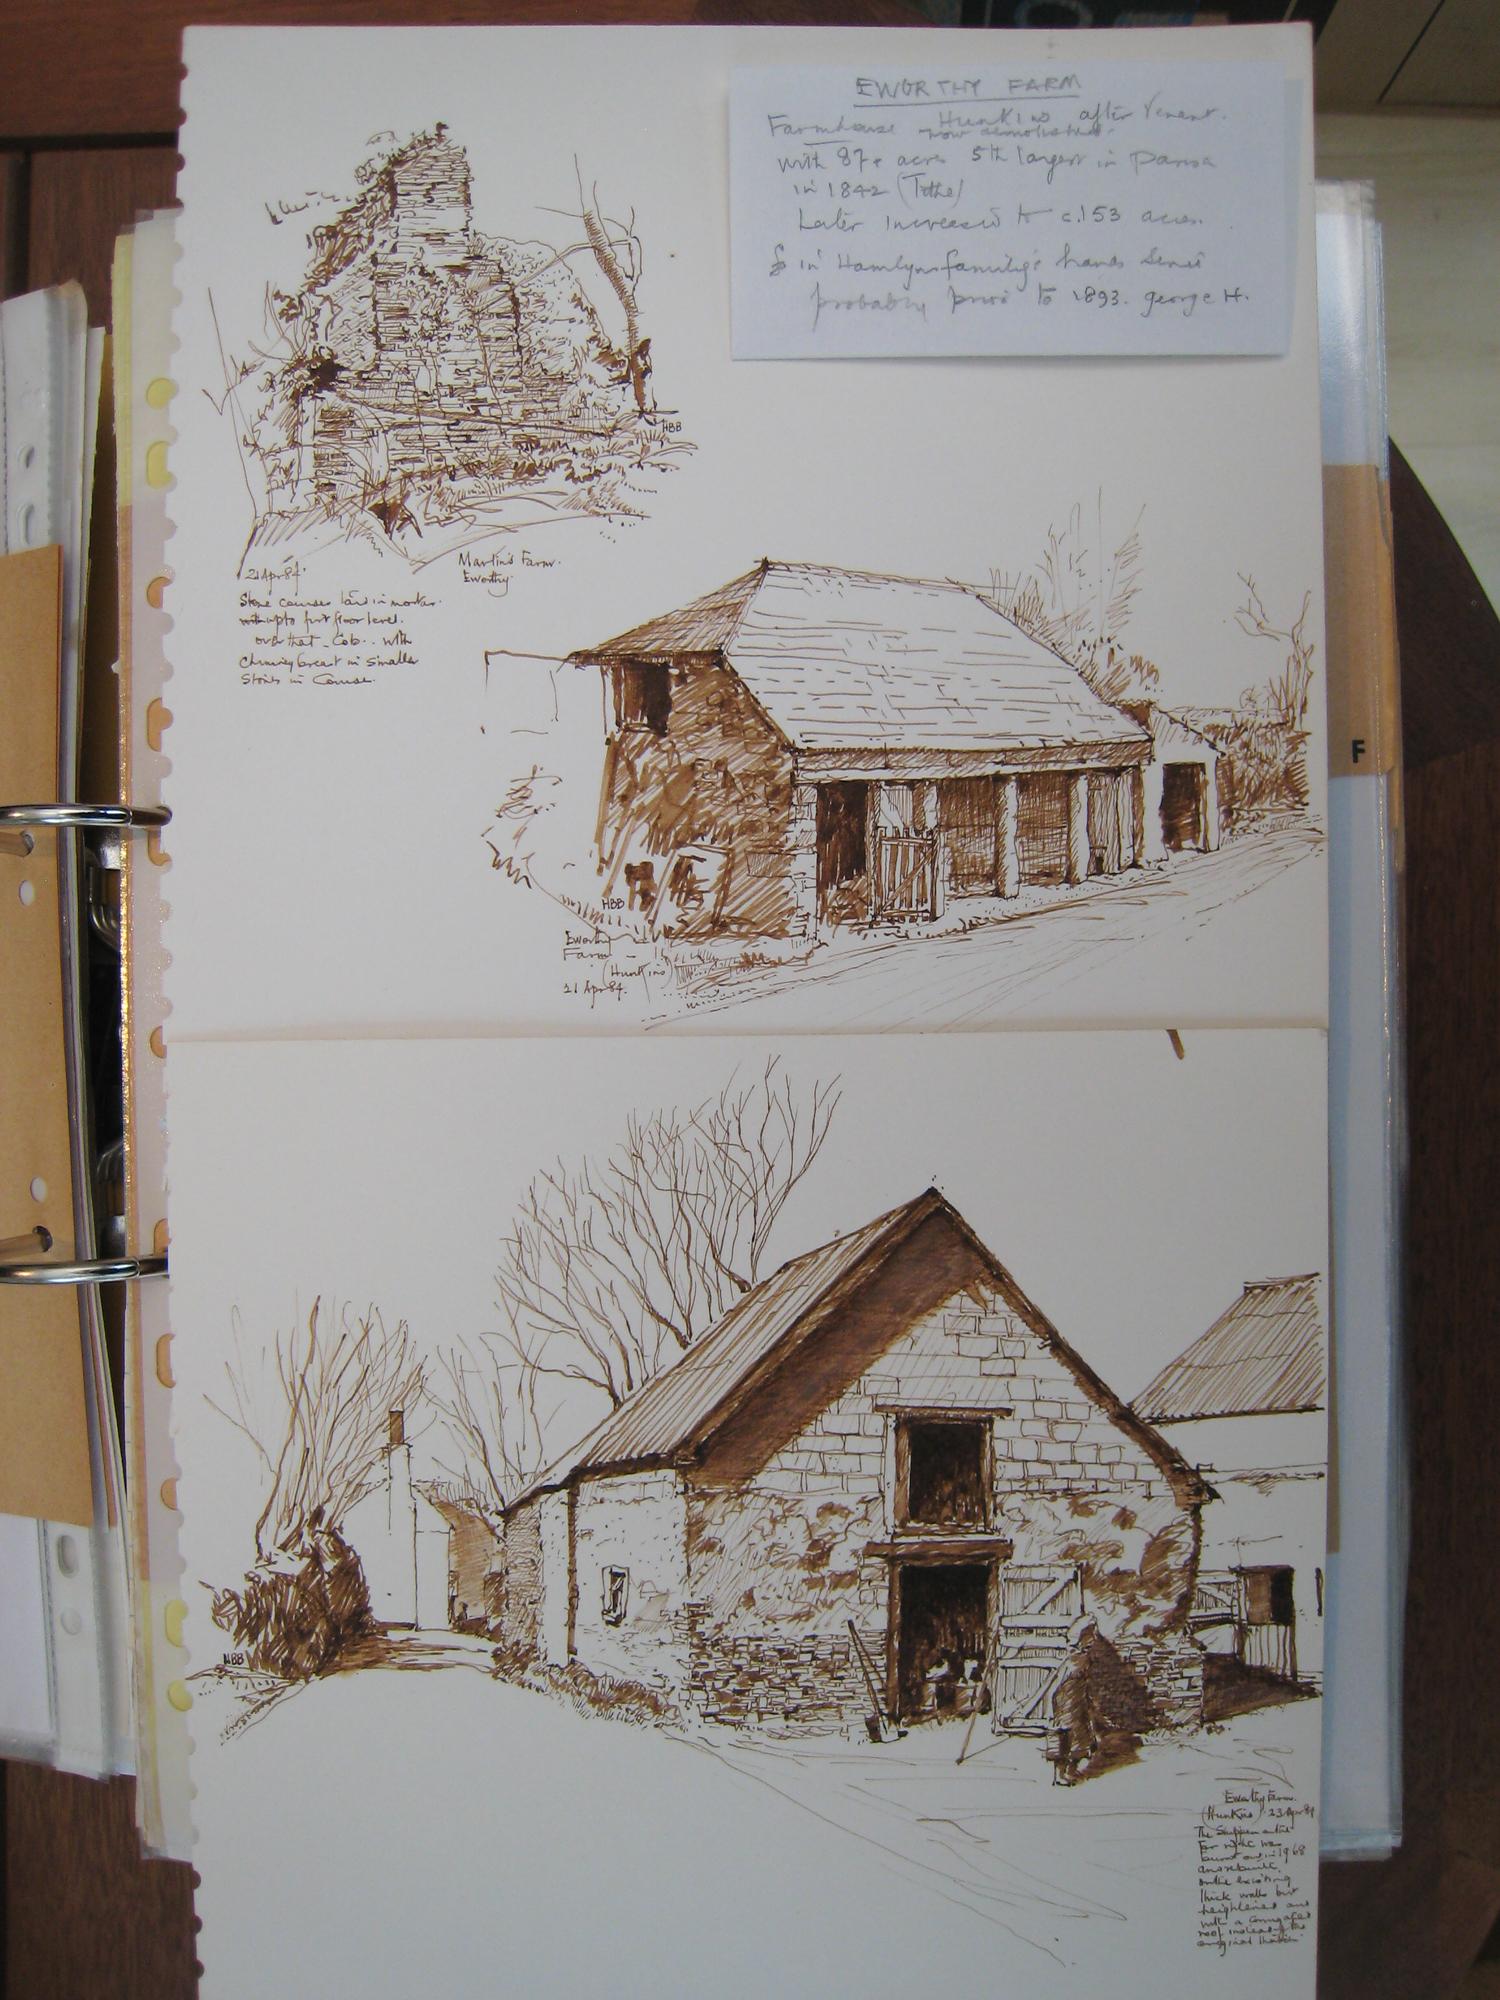 Eworthy Farm, drawings 1984